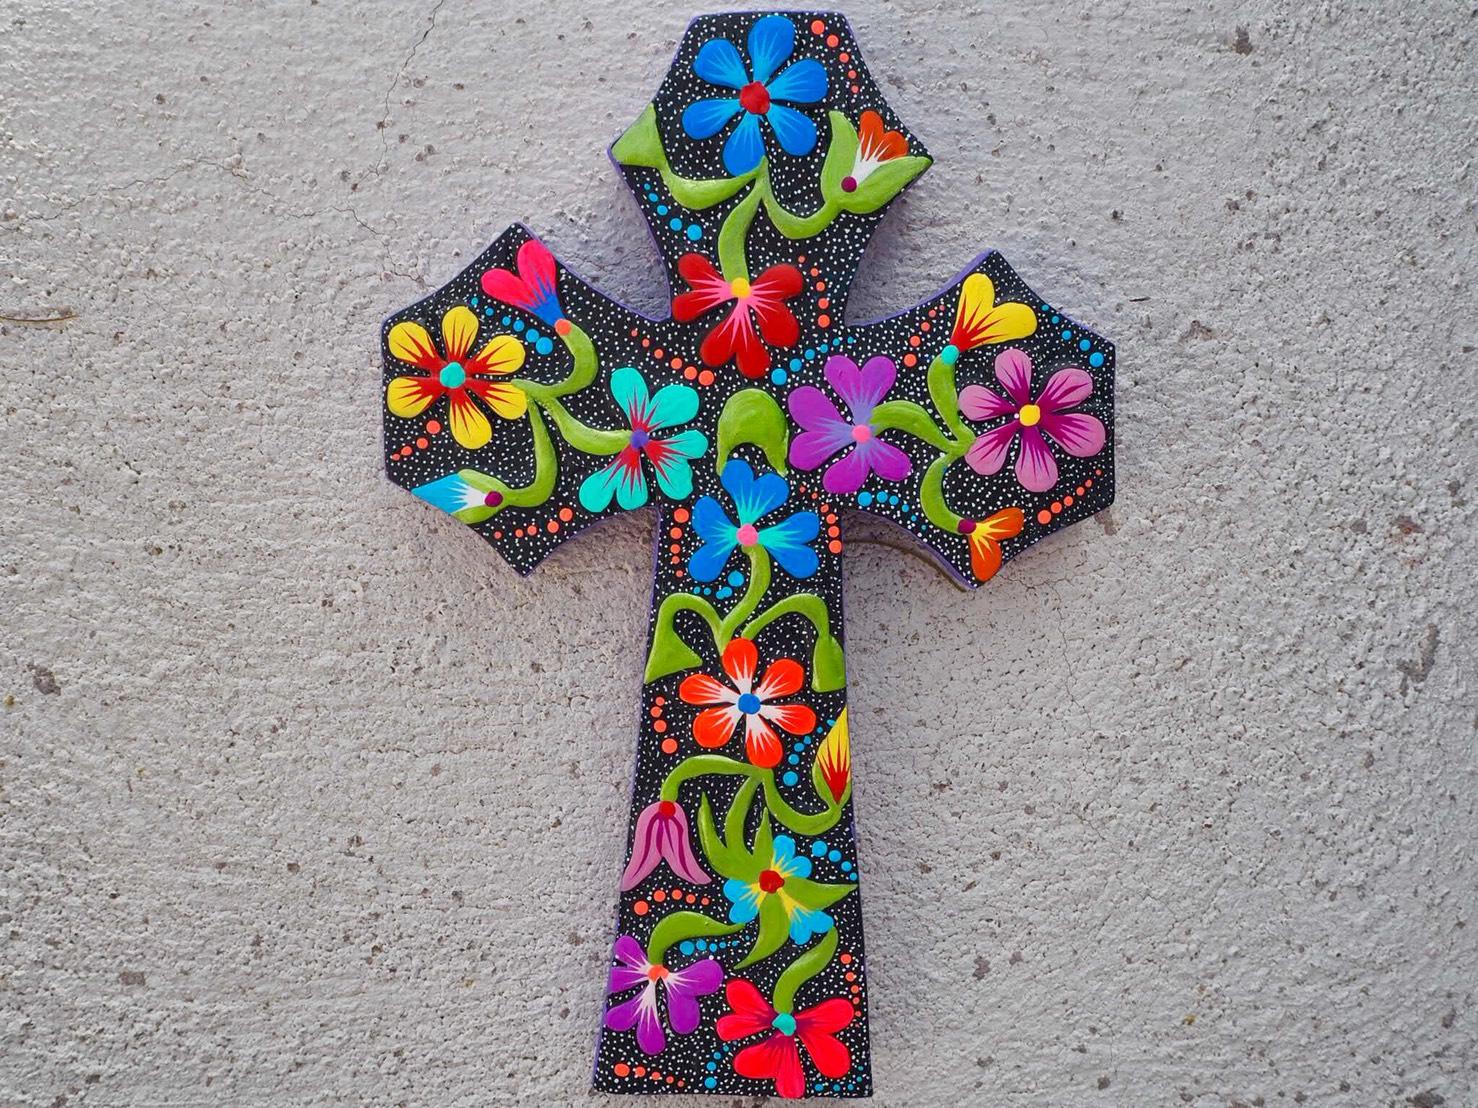 ドローン空撮のプロ、チパコプターが oaxaca で見つけた最高にかわいい十字架(クロス)